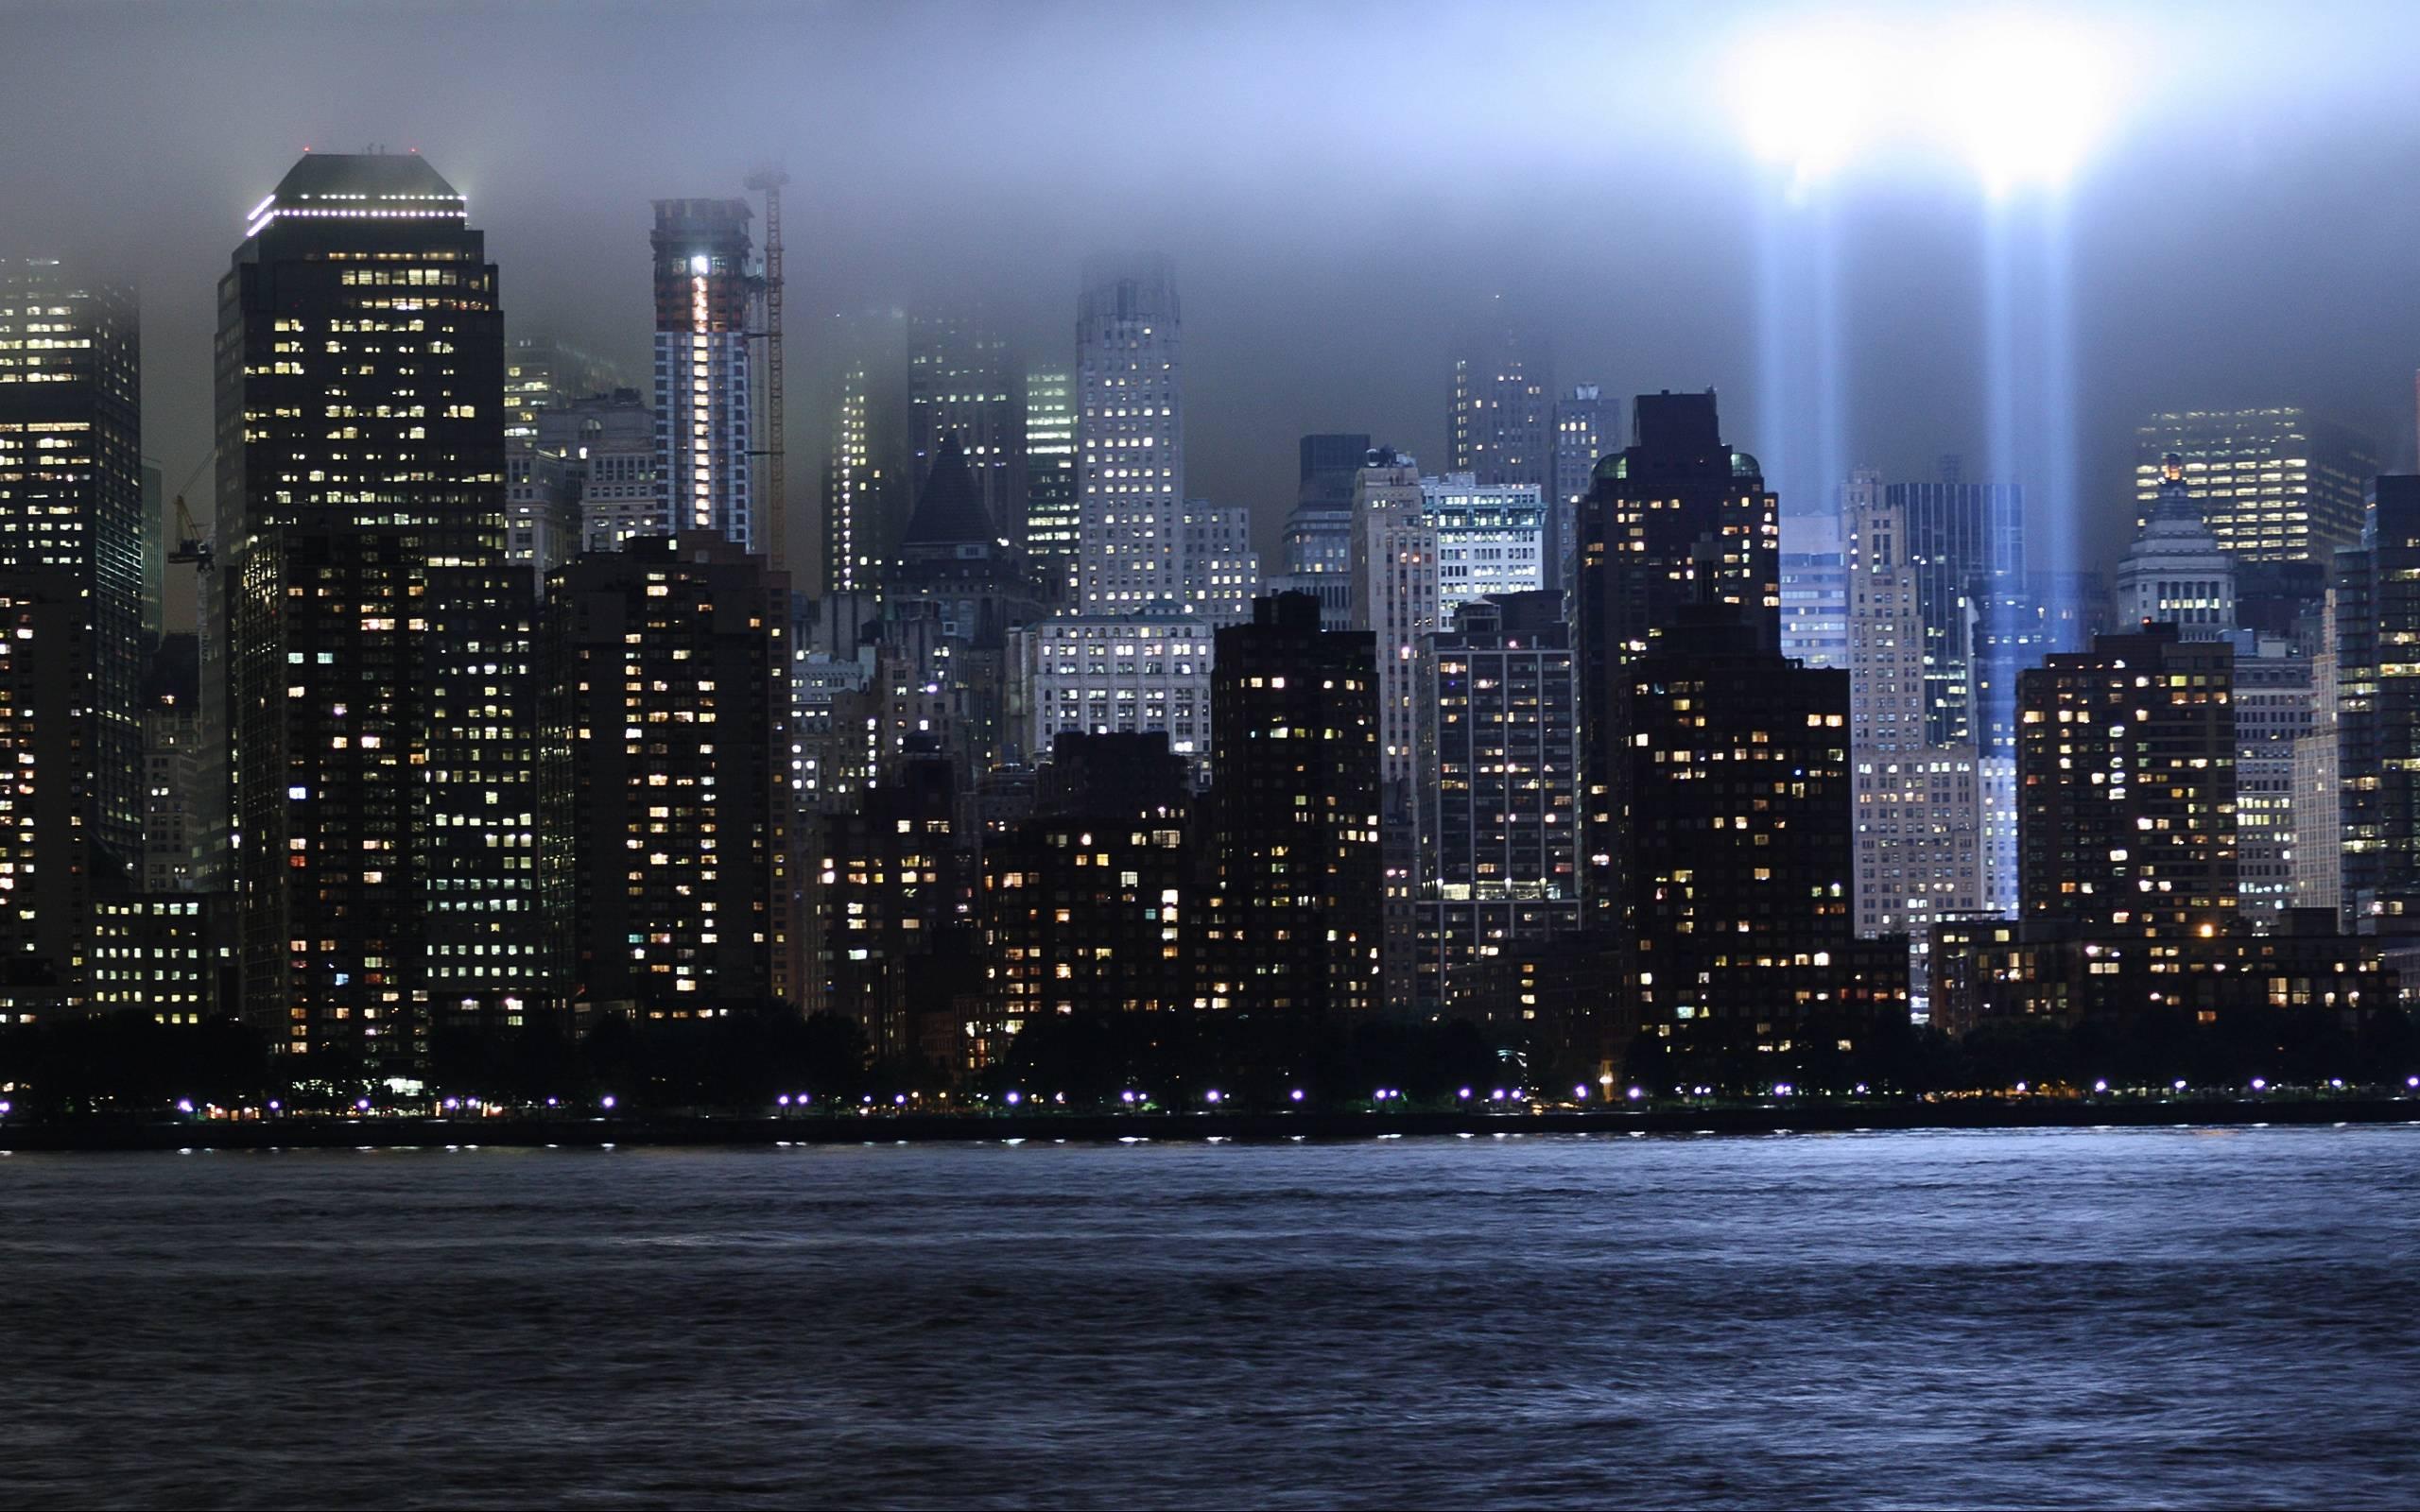 vsemirnyy_torgovyy_centr_nyu_york_memorial_svet_neboskreby_luchi_2560x1600.jpg